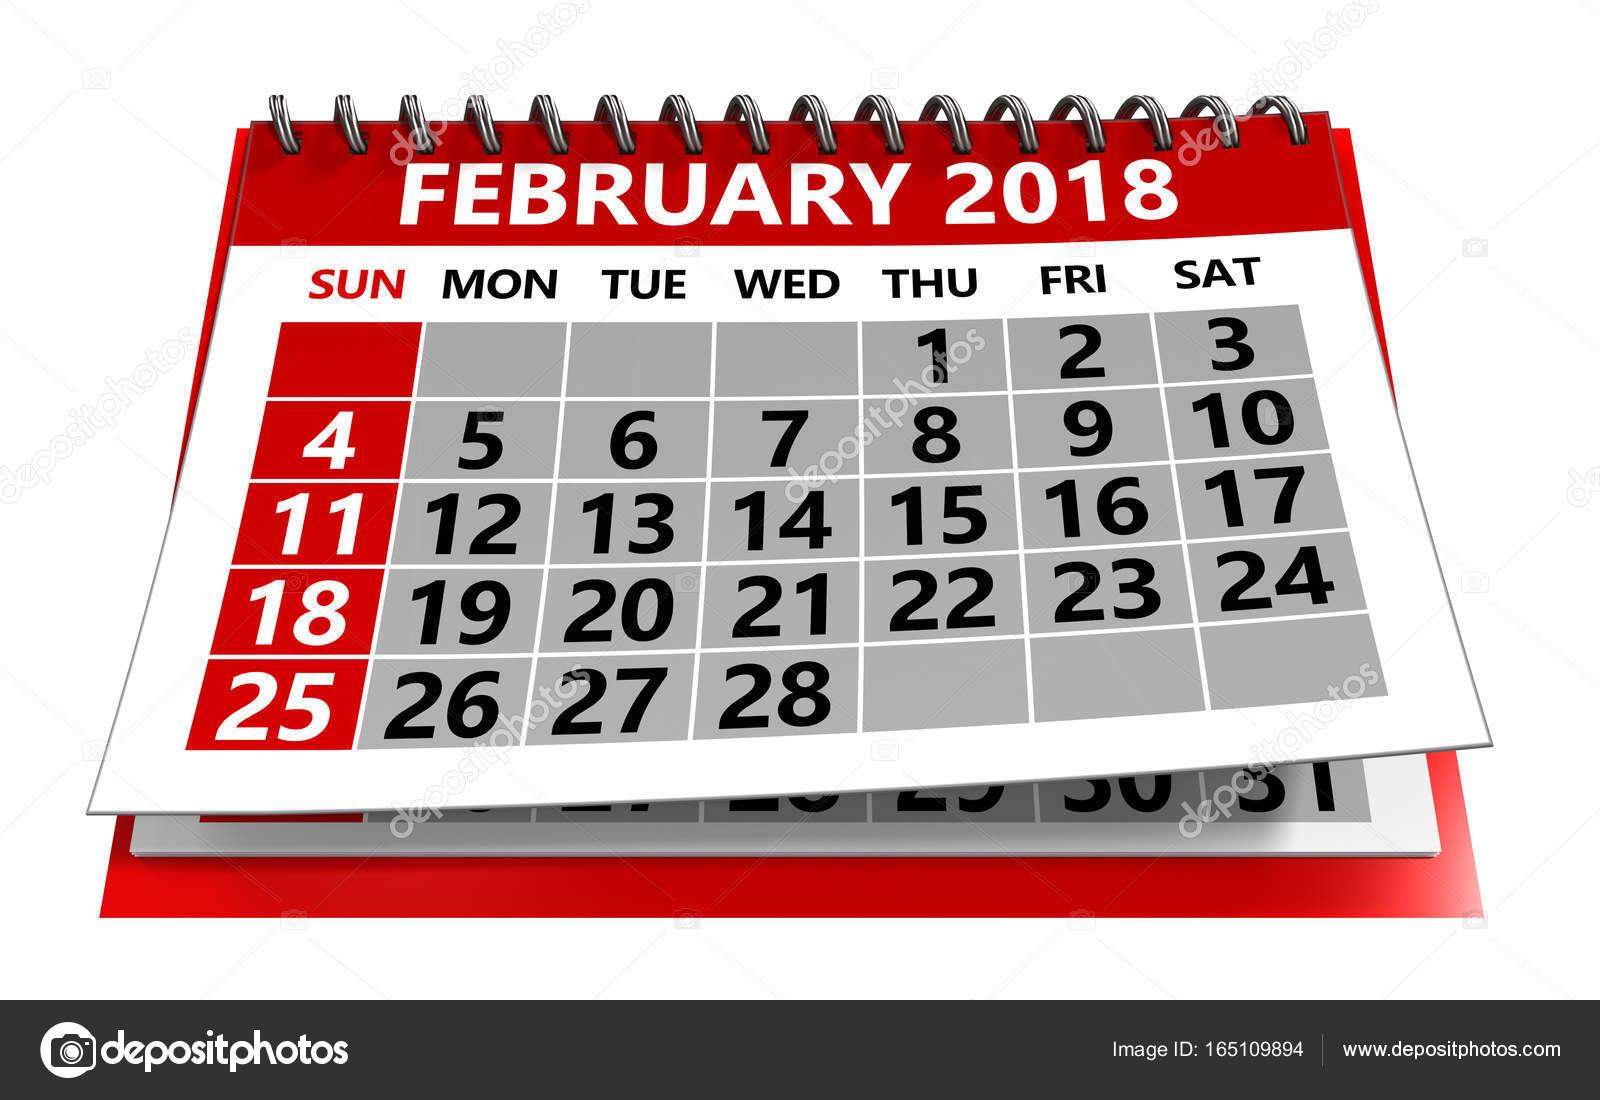 a026bd611b69d Ilustración 3D de febrero de 2018 calendario aislado sobre fondo blanco -  foto  del calendario